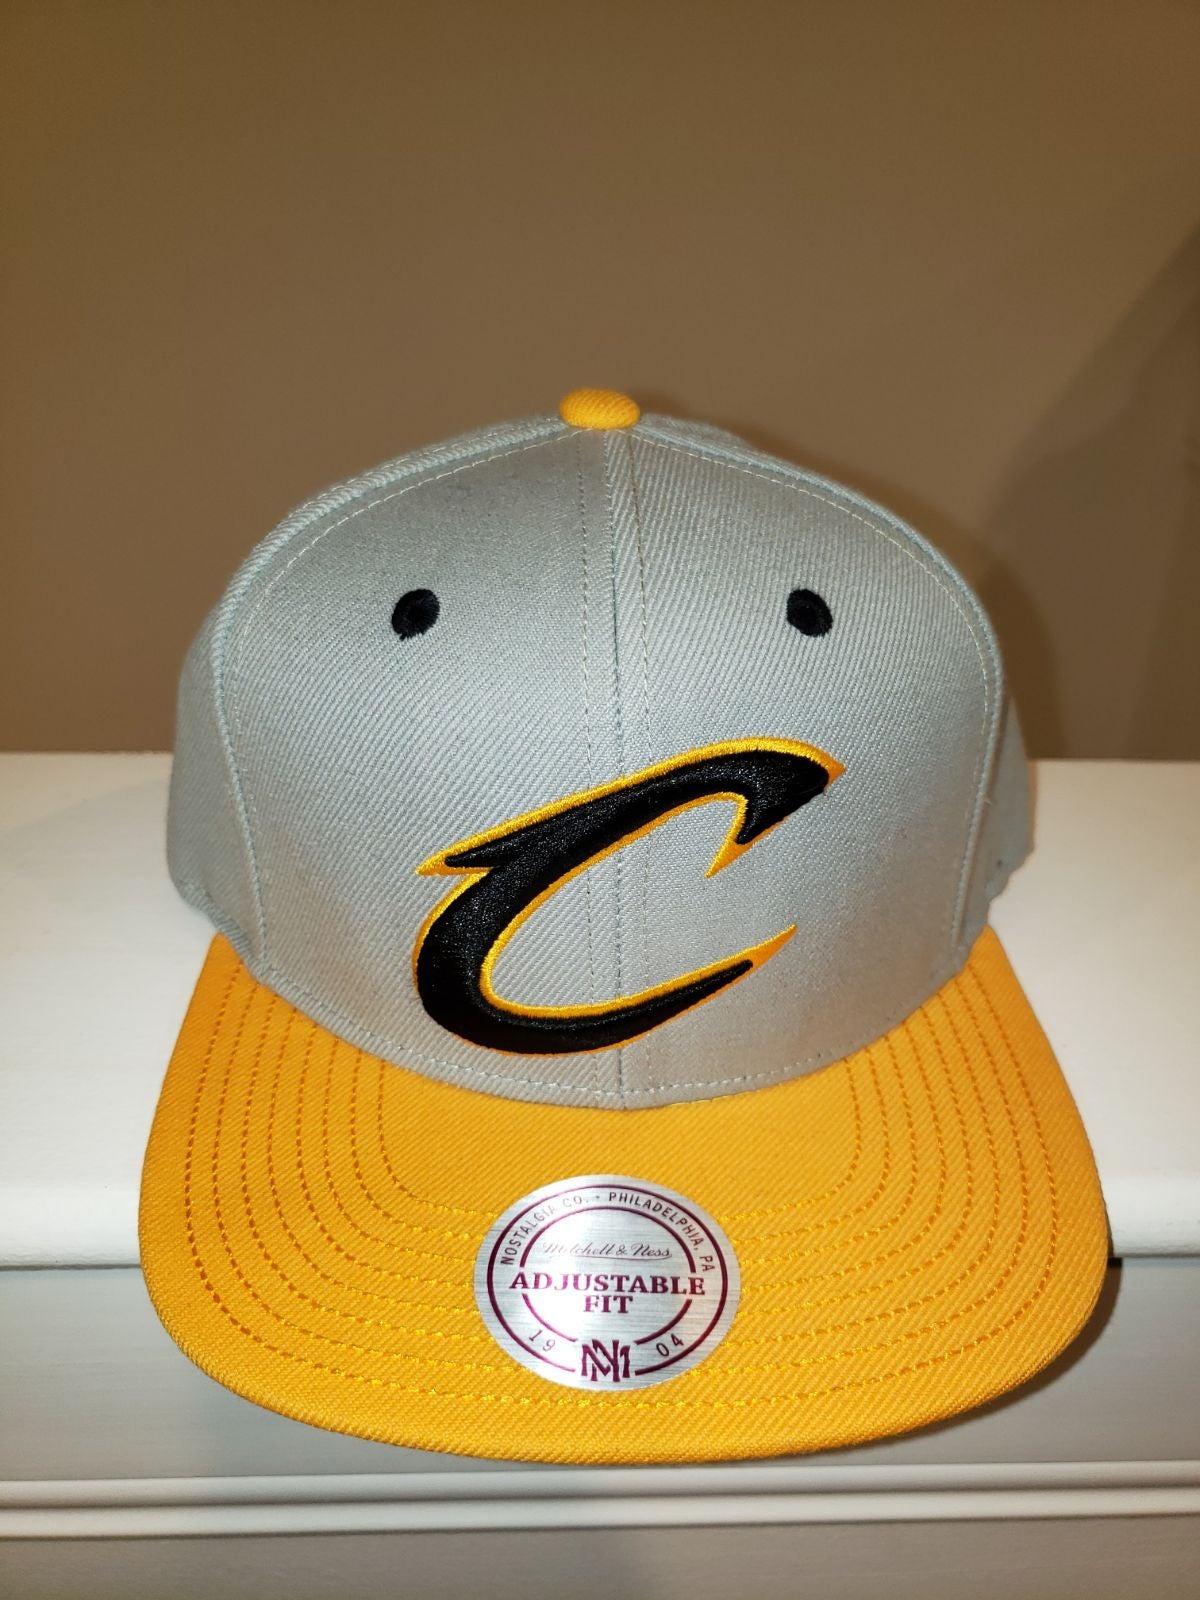 New Nostalgia Co. Cleveland hat adjustab